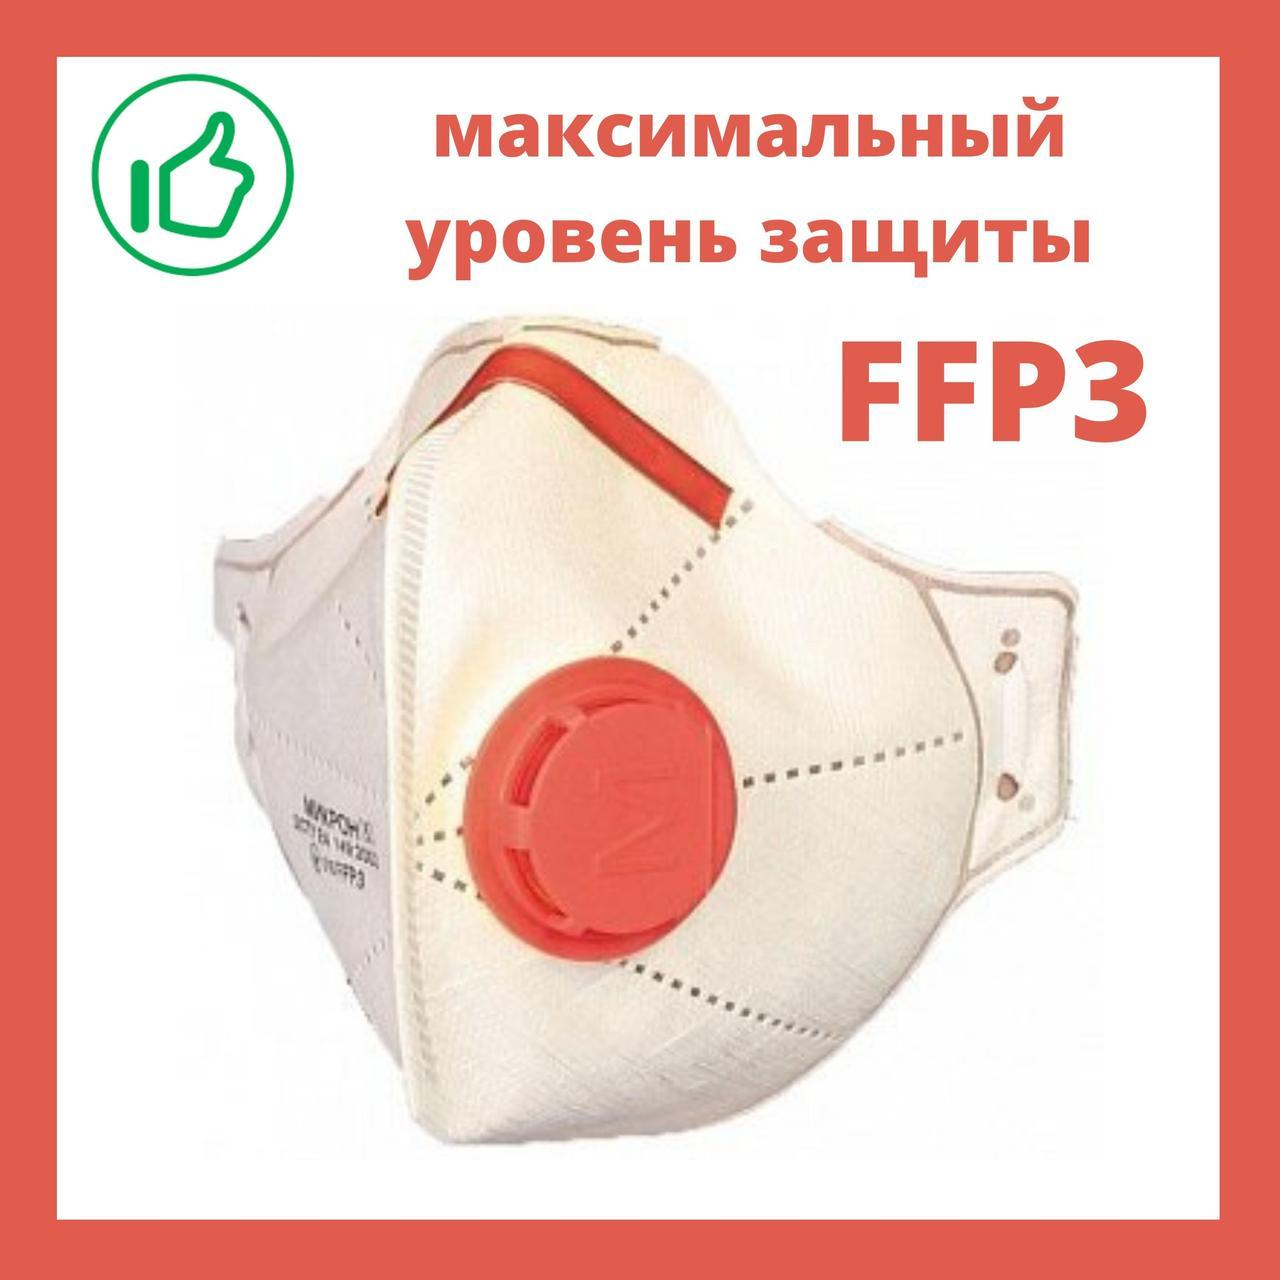 Маска - респиратор с клапаном многоразовая (антивирусная) FFP3. ОРИГИНАЛ заводская упаковка!!!